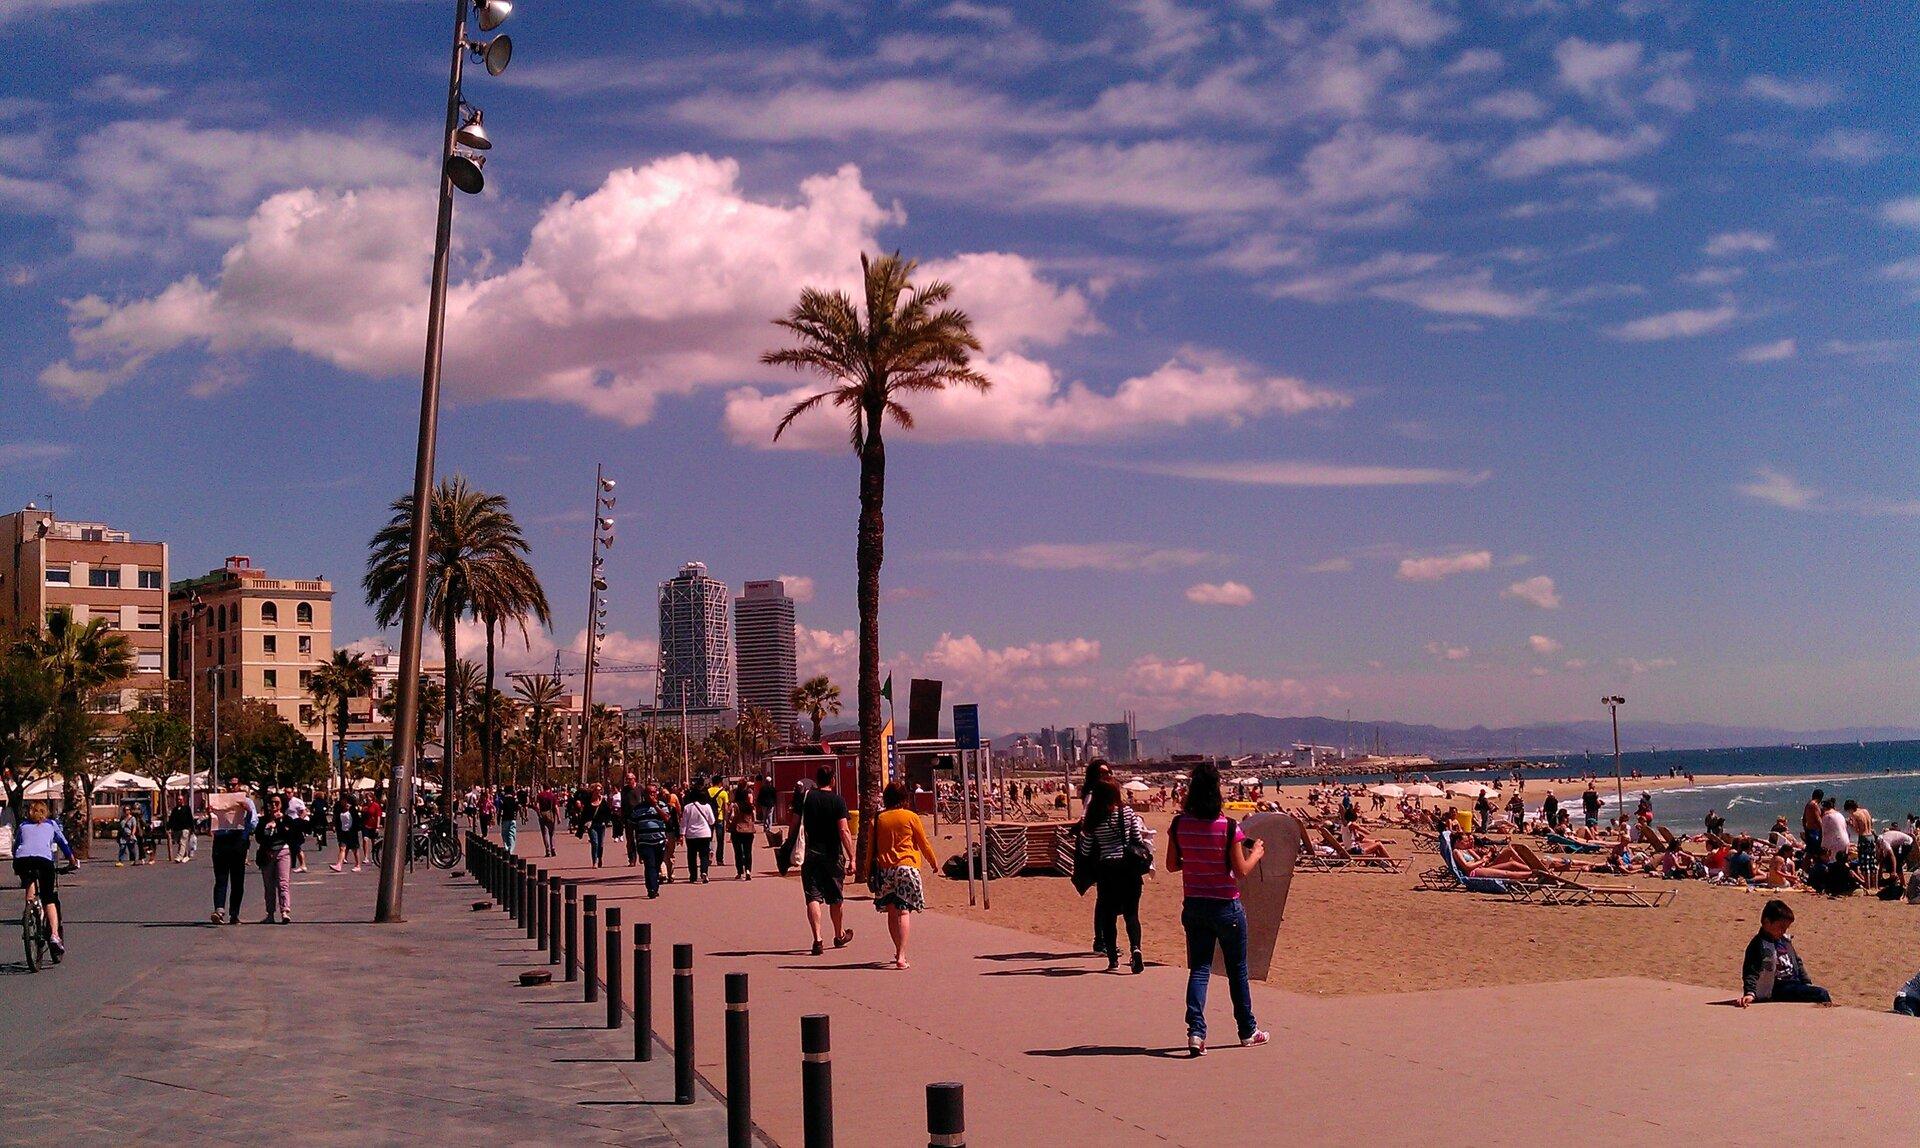 Galeria fotografii prezentująca ciekawe miejsca nad Morzem ŚródziemnymFotografia pierwsza prezentuje plażę przy promenadzie nad morzem. Na plaży ipromenadzie widocznych wiele osób. Wtle wysokie budynki.